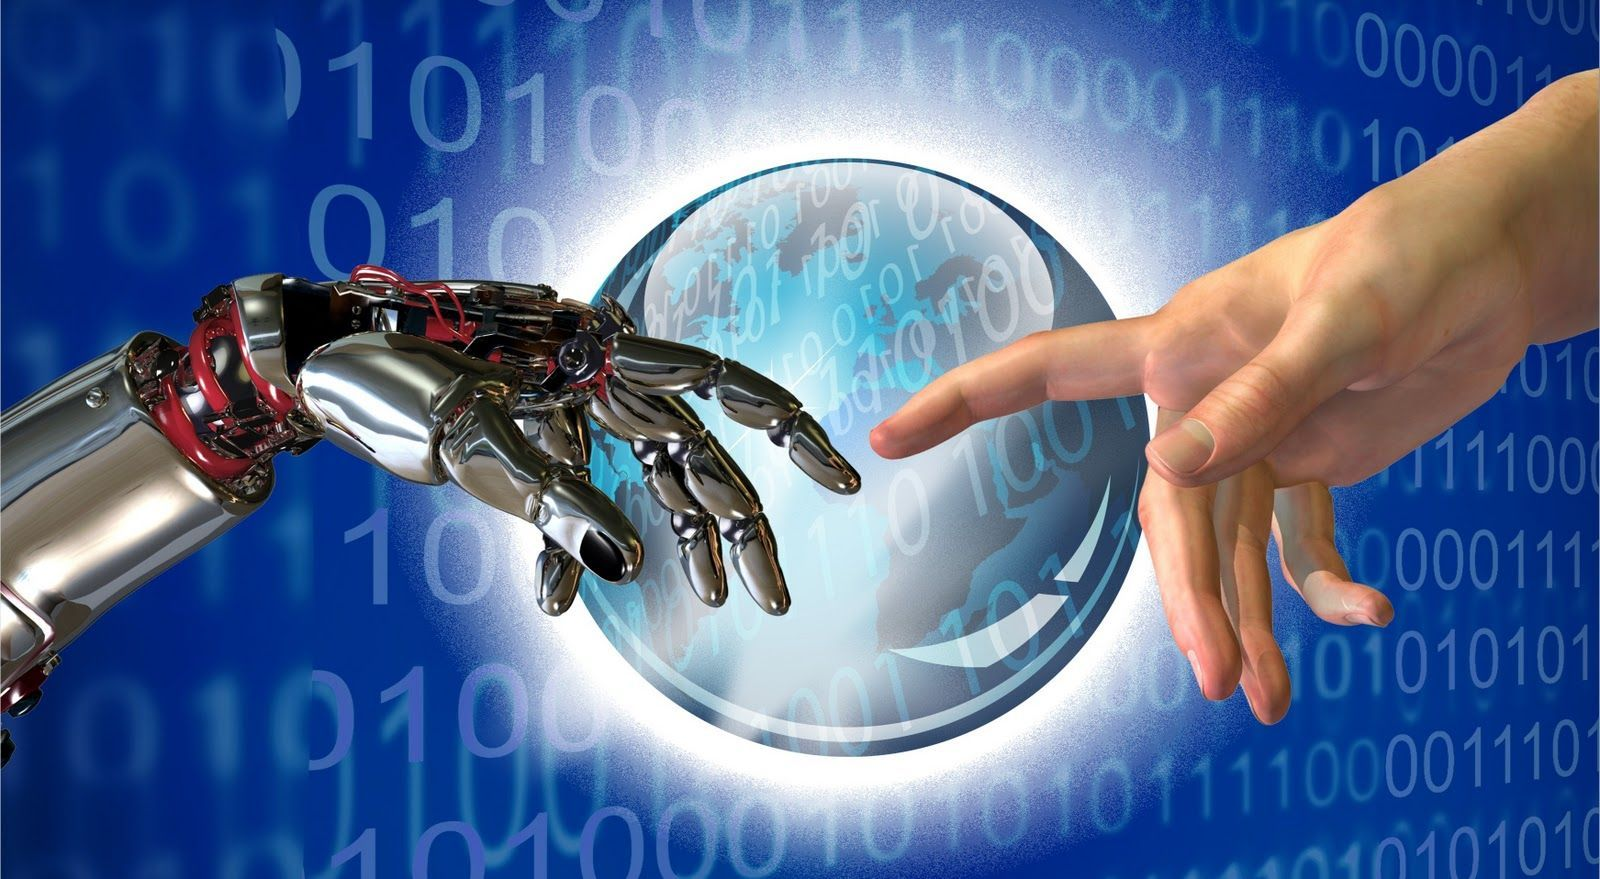 Por último: ¿Crees que la tecnología va en ascenso o en decadencia?